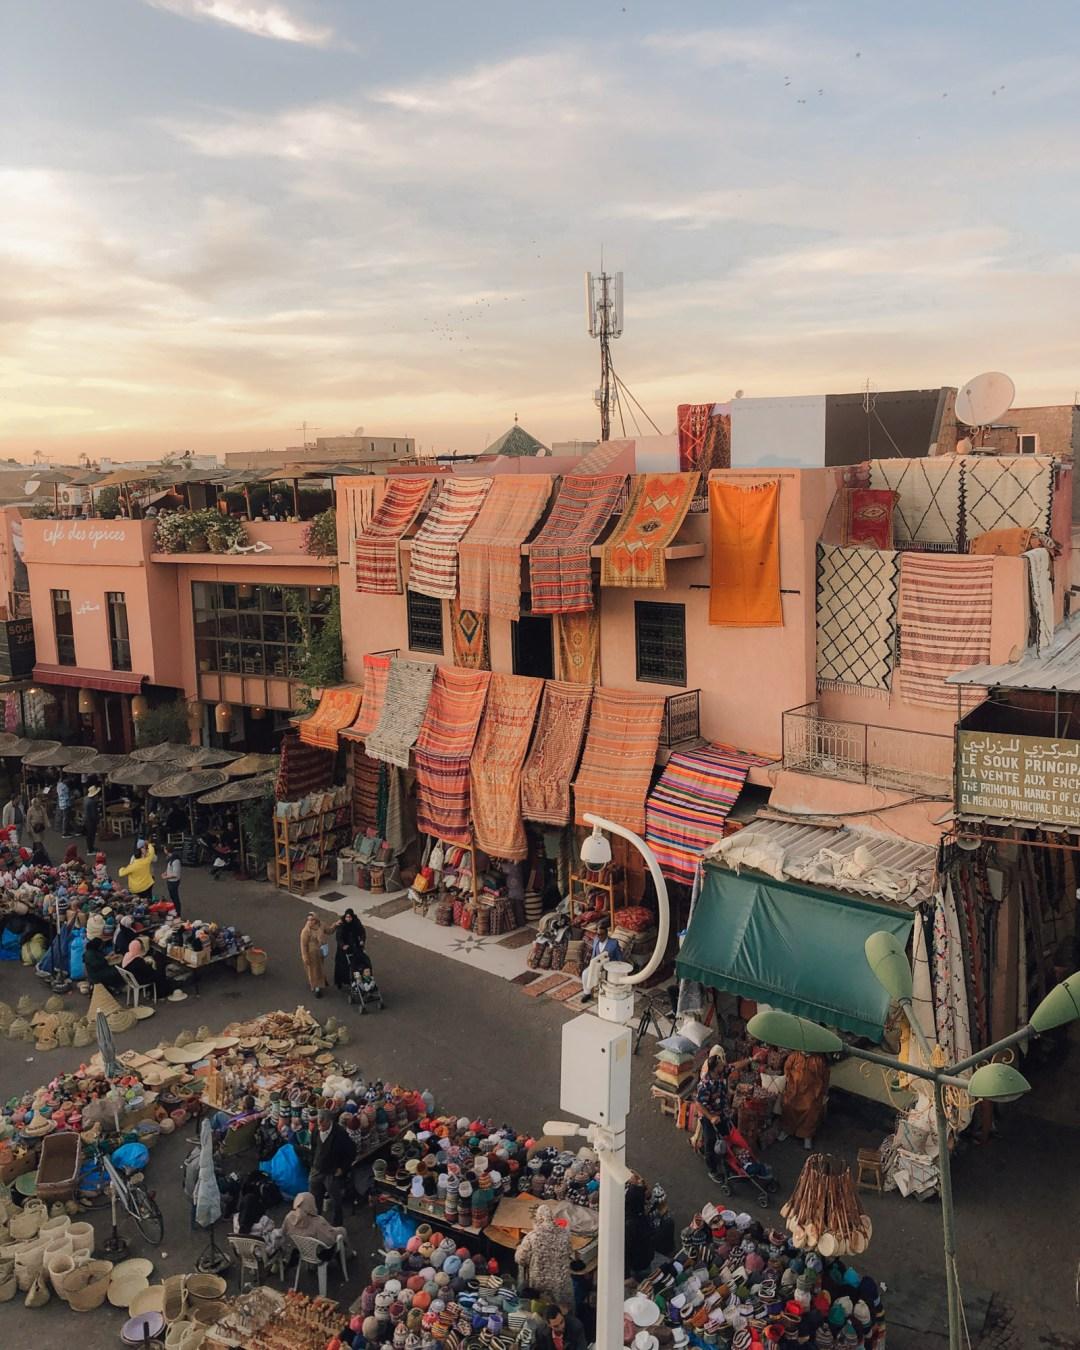 Inastil, Reiseblog, Ue50Blogger, Marrakech, Marokko, Travelblog, Reisebericht, Visualdiary,_-16